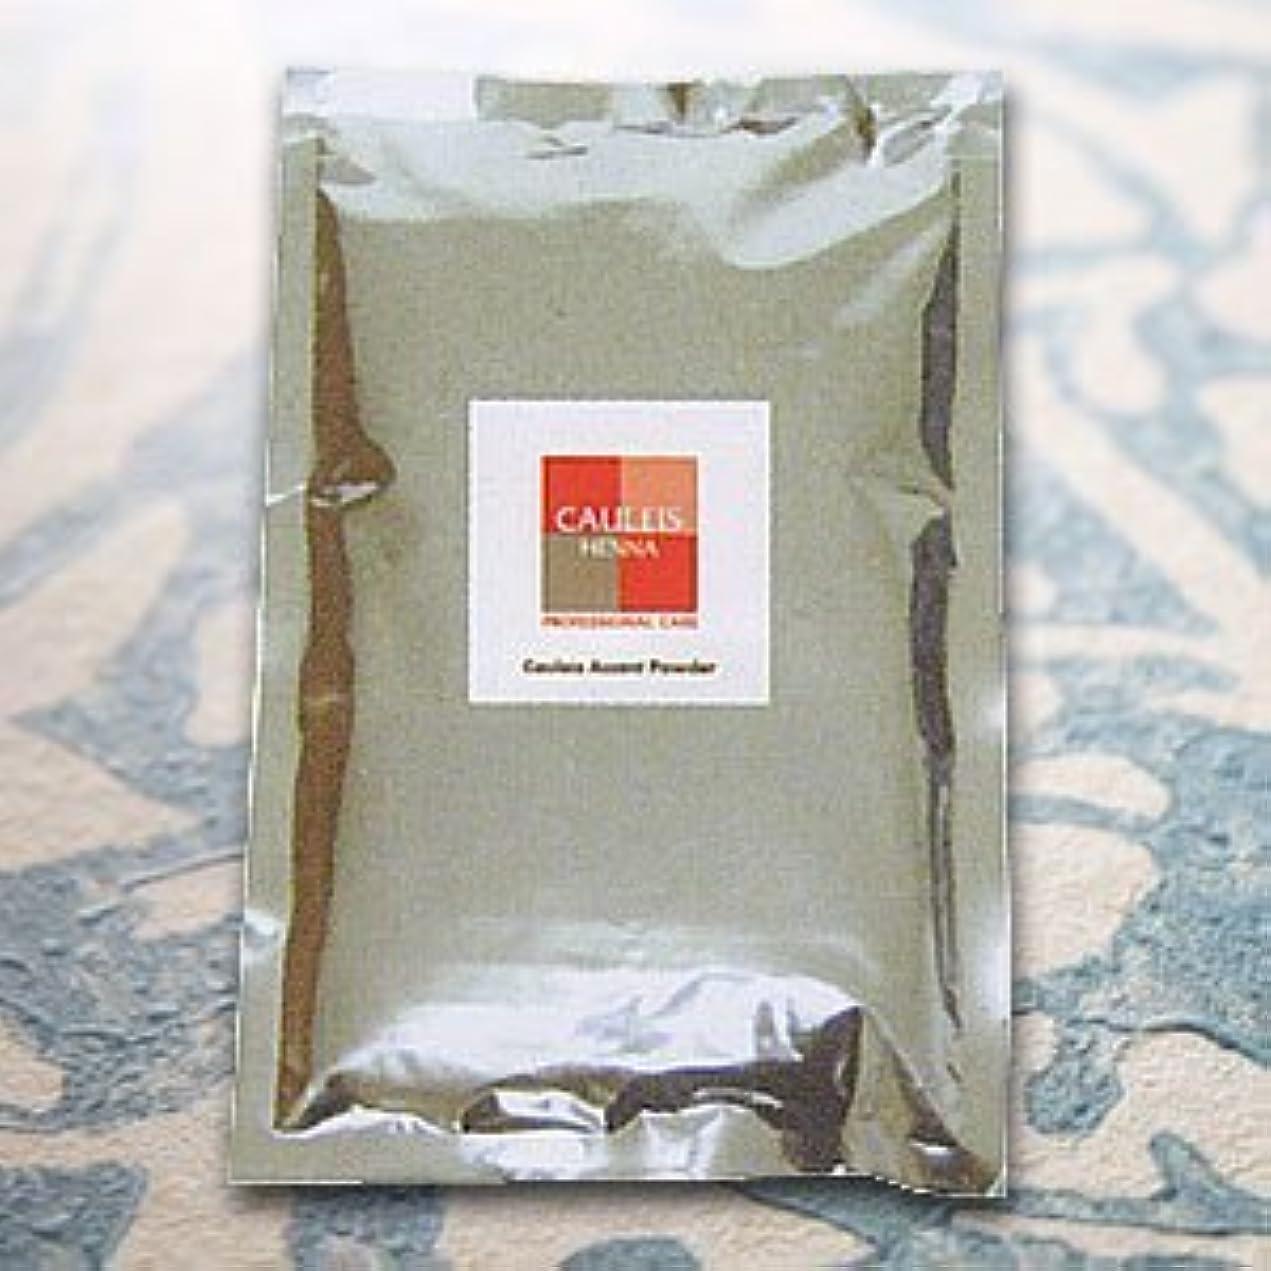 壊す例外の量コーリーズヘナ 補助剤 アクセントパウダー (HC染料) 60g×5